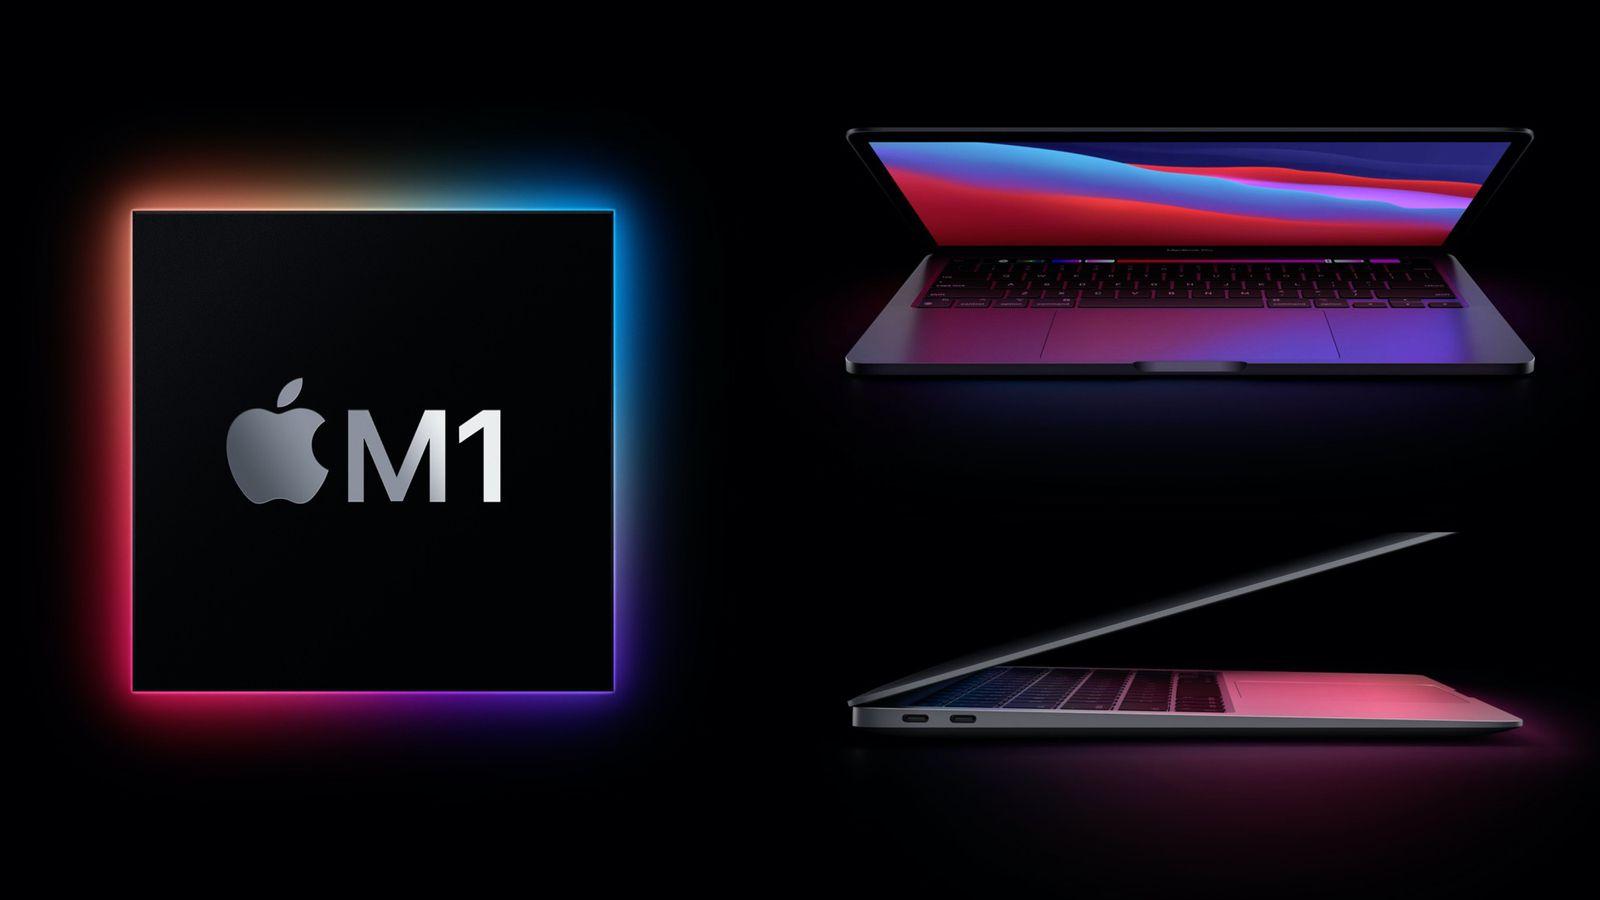 MacBook Air M1 1TB